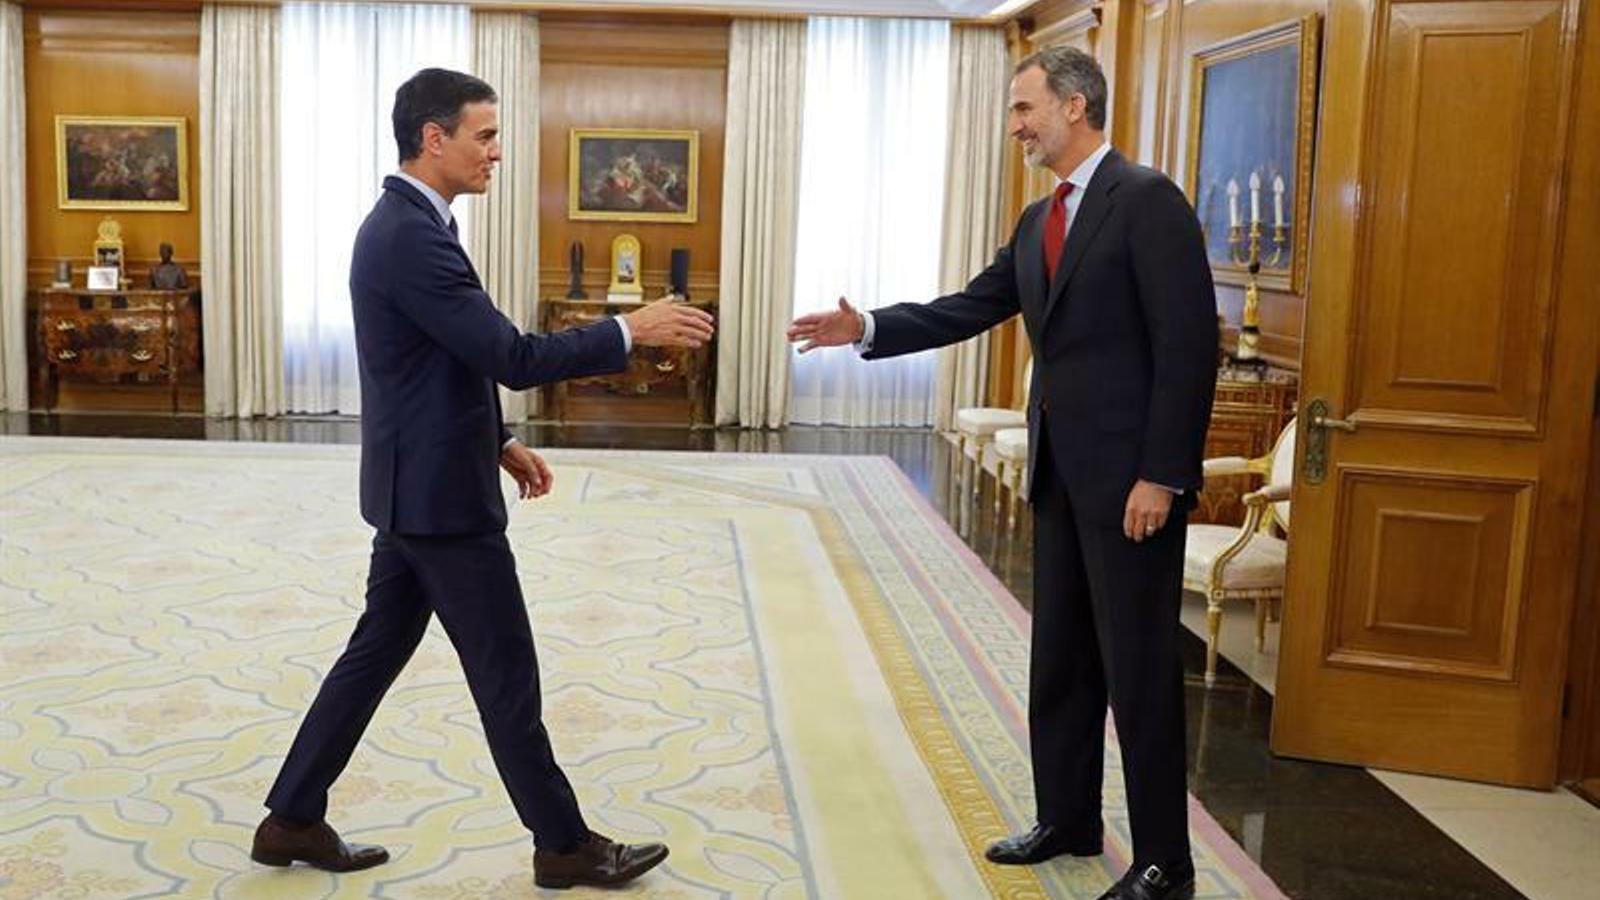 El rei Felip VI i el candidat a la presidència del govern espanyol, Pedro Sánchez, al Palau de la Zarzuela